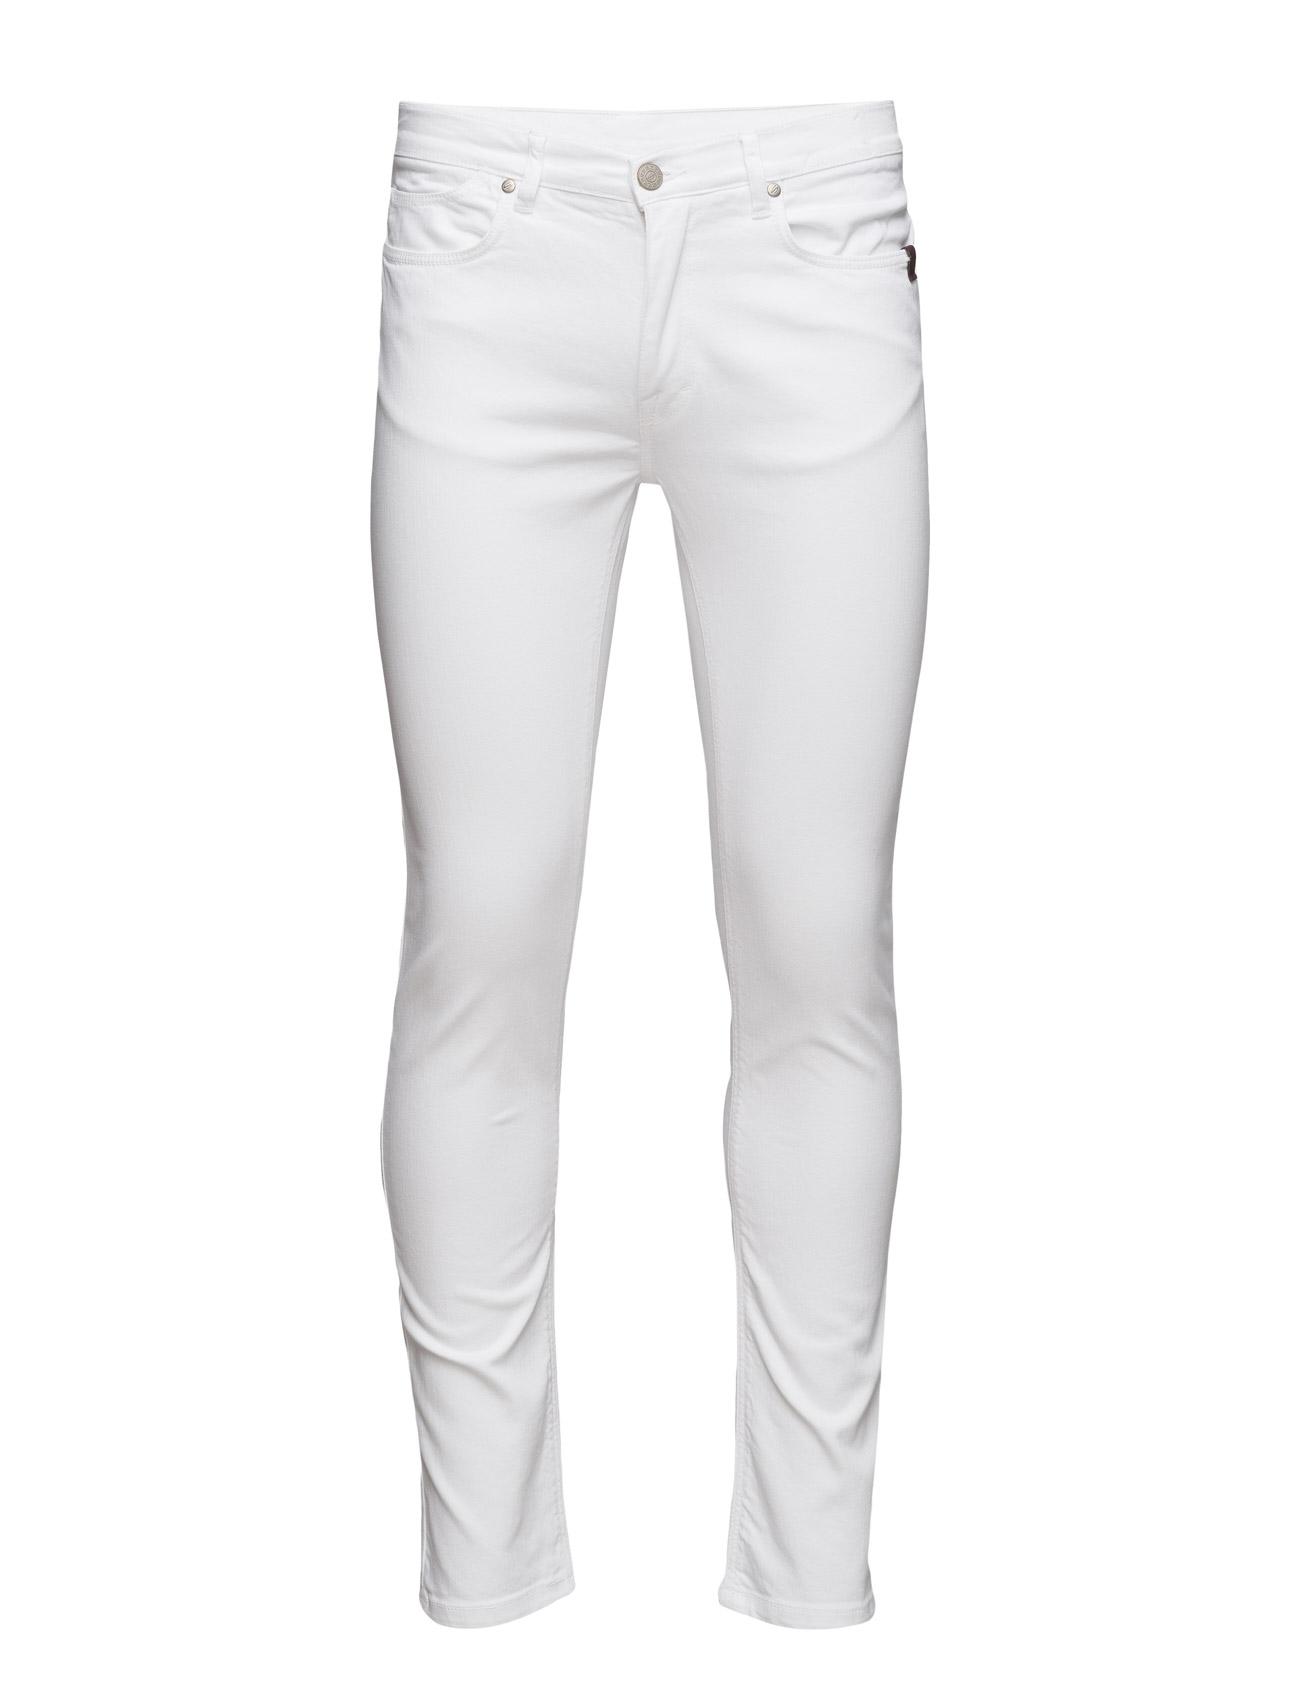 S Stretch Hc - Skinny 32 SAND Jeans til Mænd i